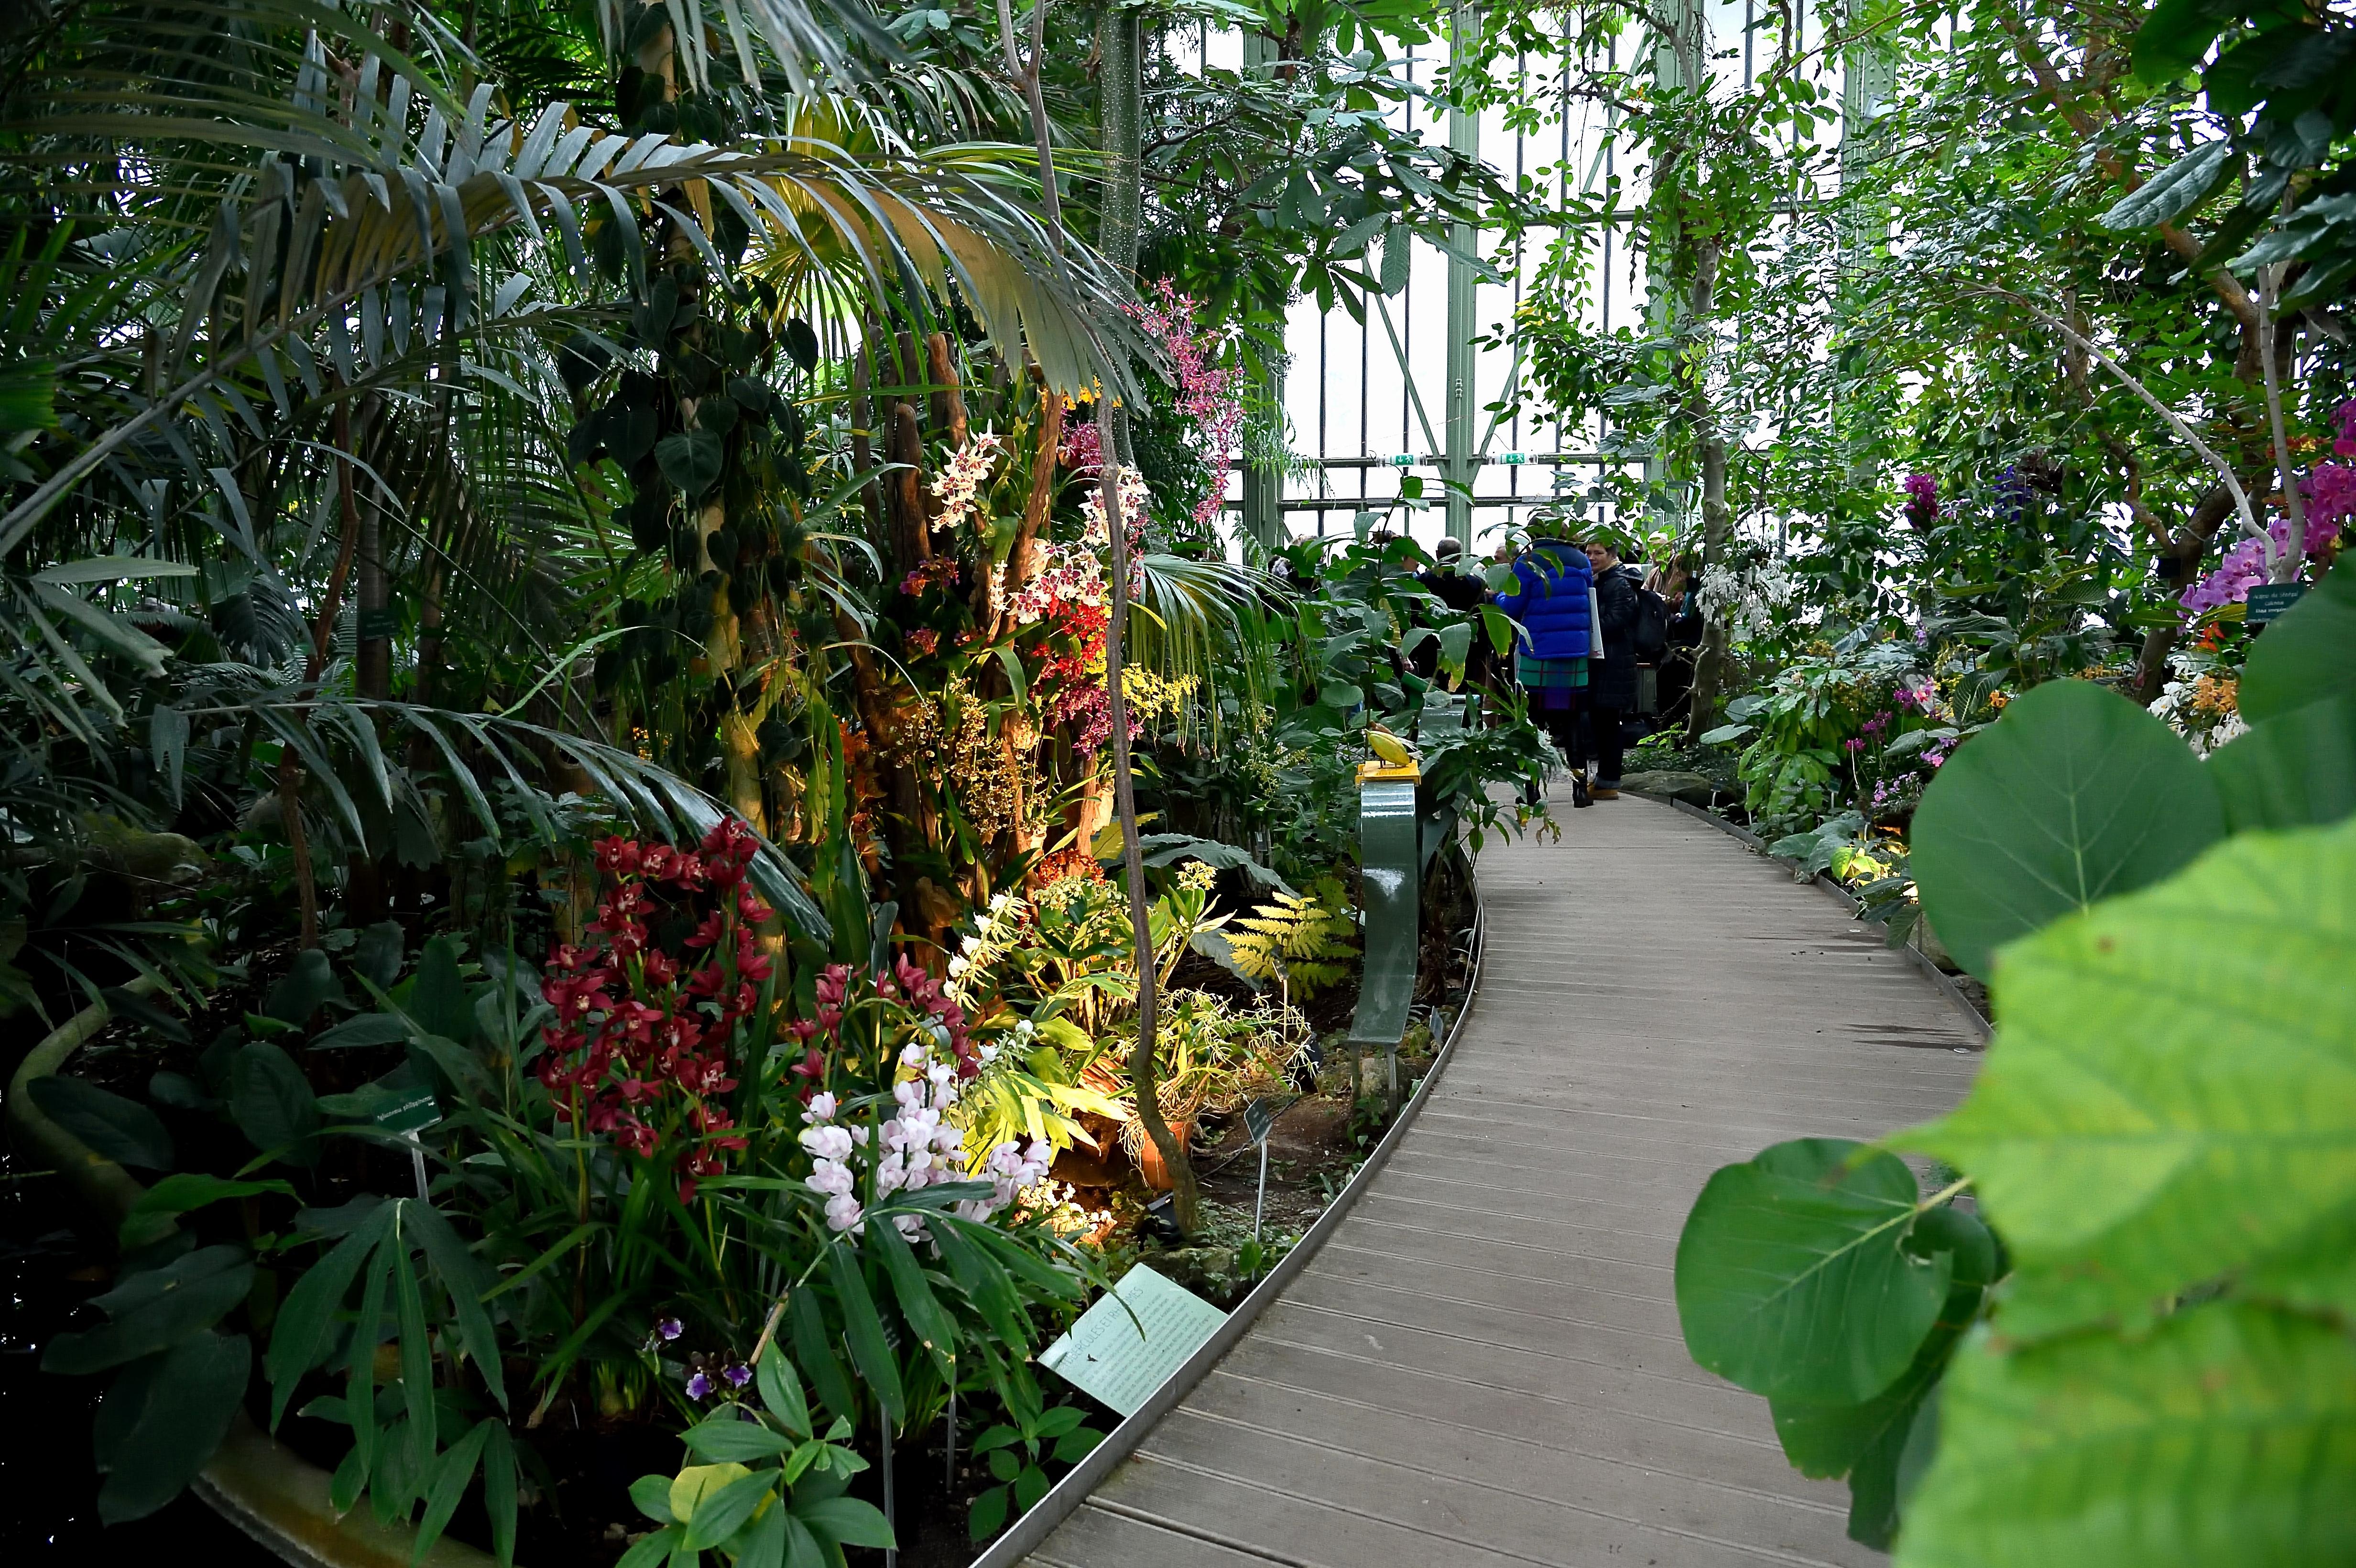 Fabriquer Serre De Jardin Polycarbonate Frais Photos 44 Beau S De Fabriquer Serre De Jardin Polycarbonate